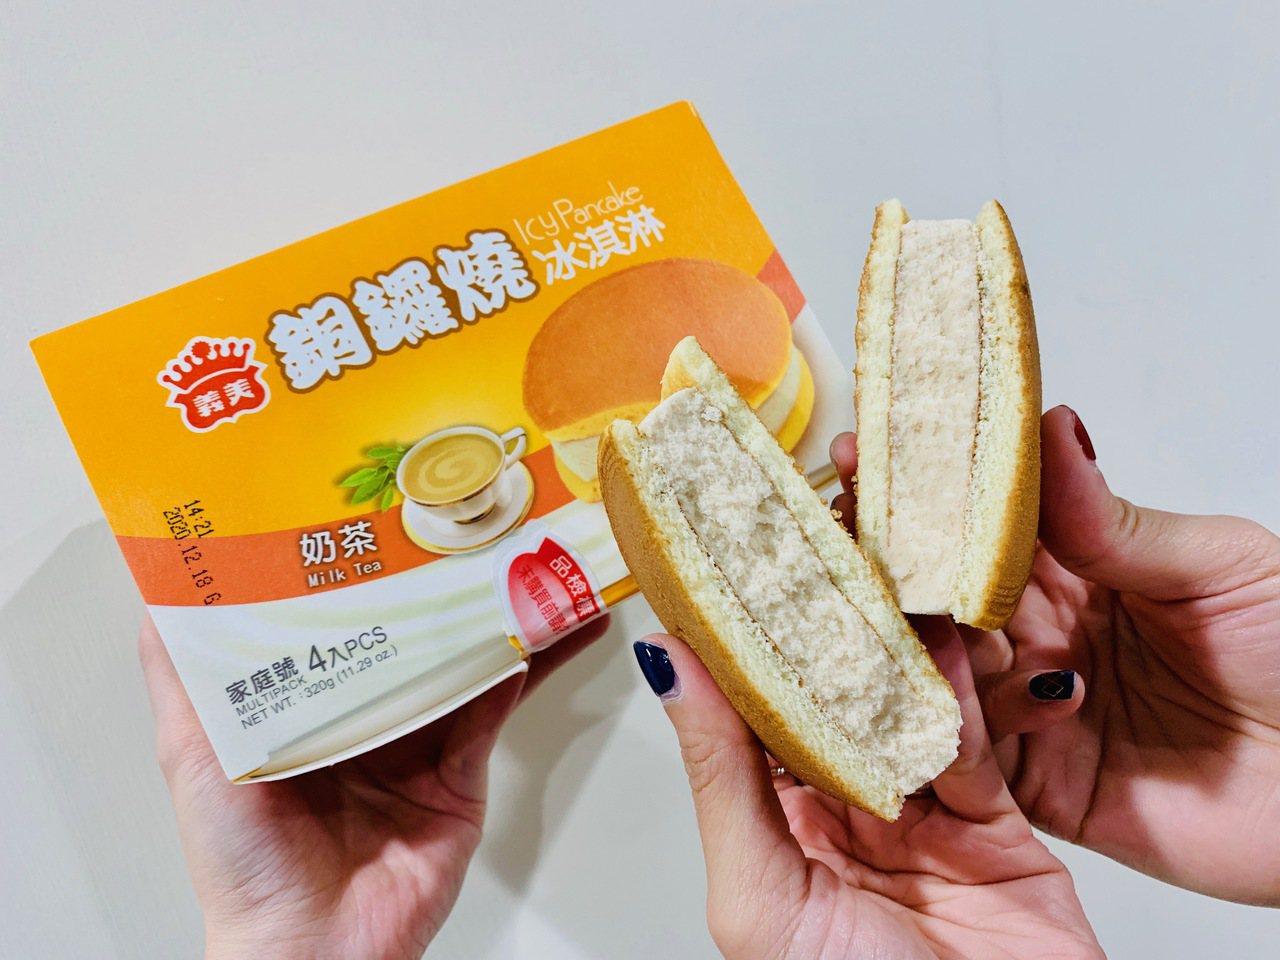 義美銅鑼冰淇淋「奶茶口味」四入原價125元。記者張芳瑜/攝影